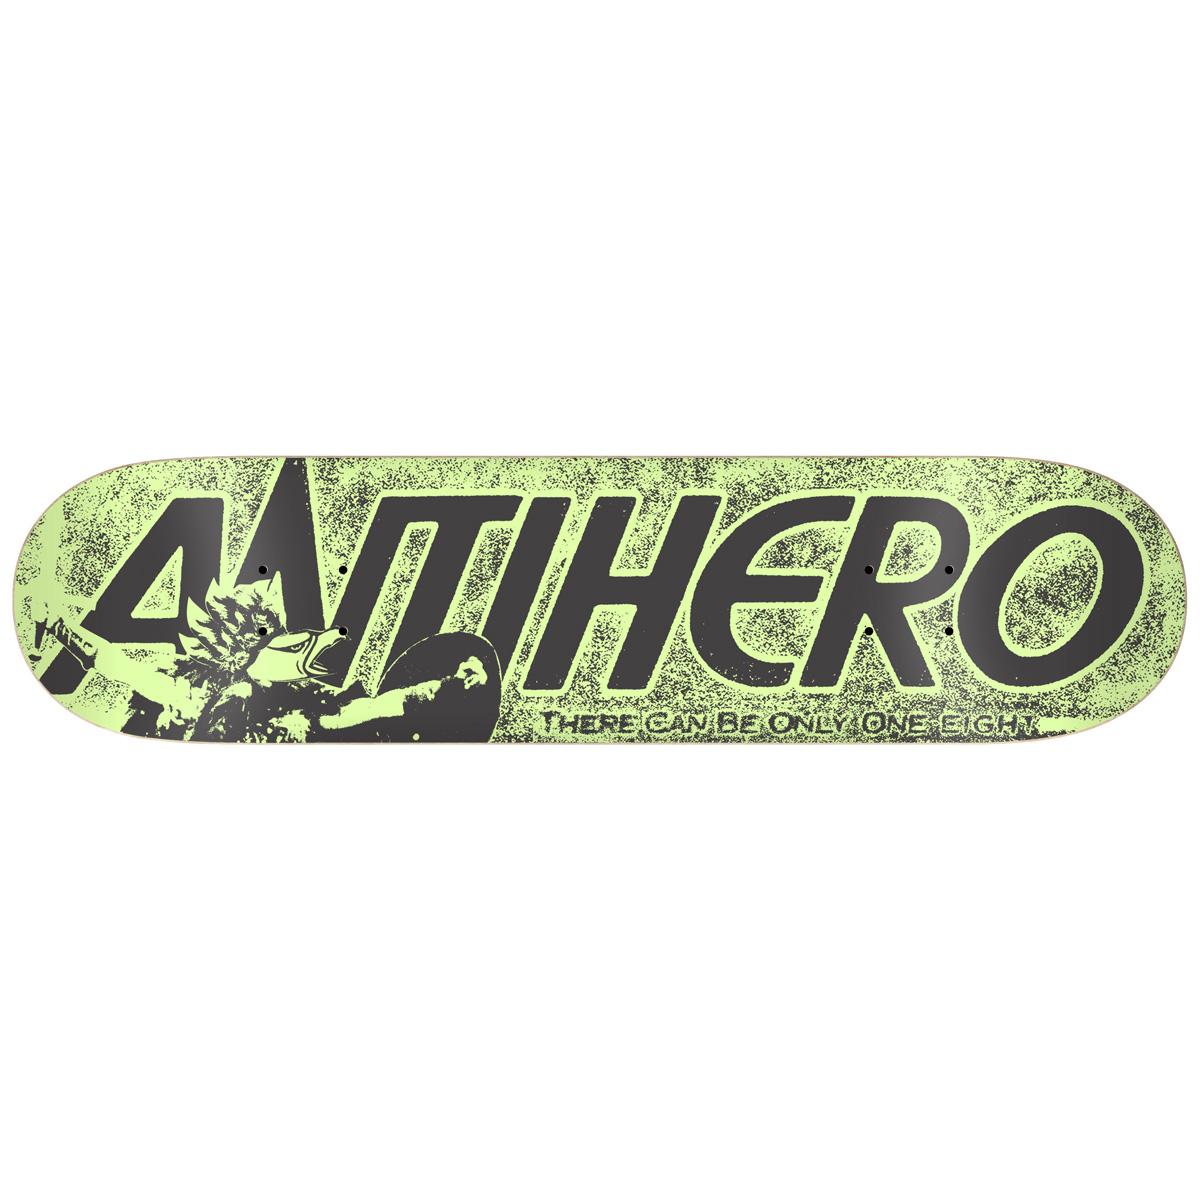 AH DECK PP HIGHLANDER HERO 8.0 - Click to enlarge